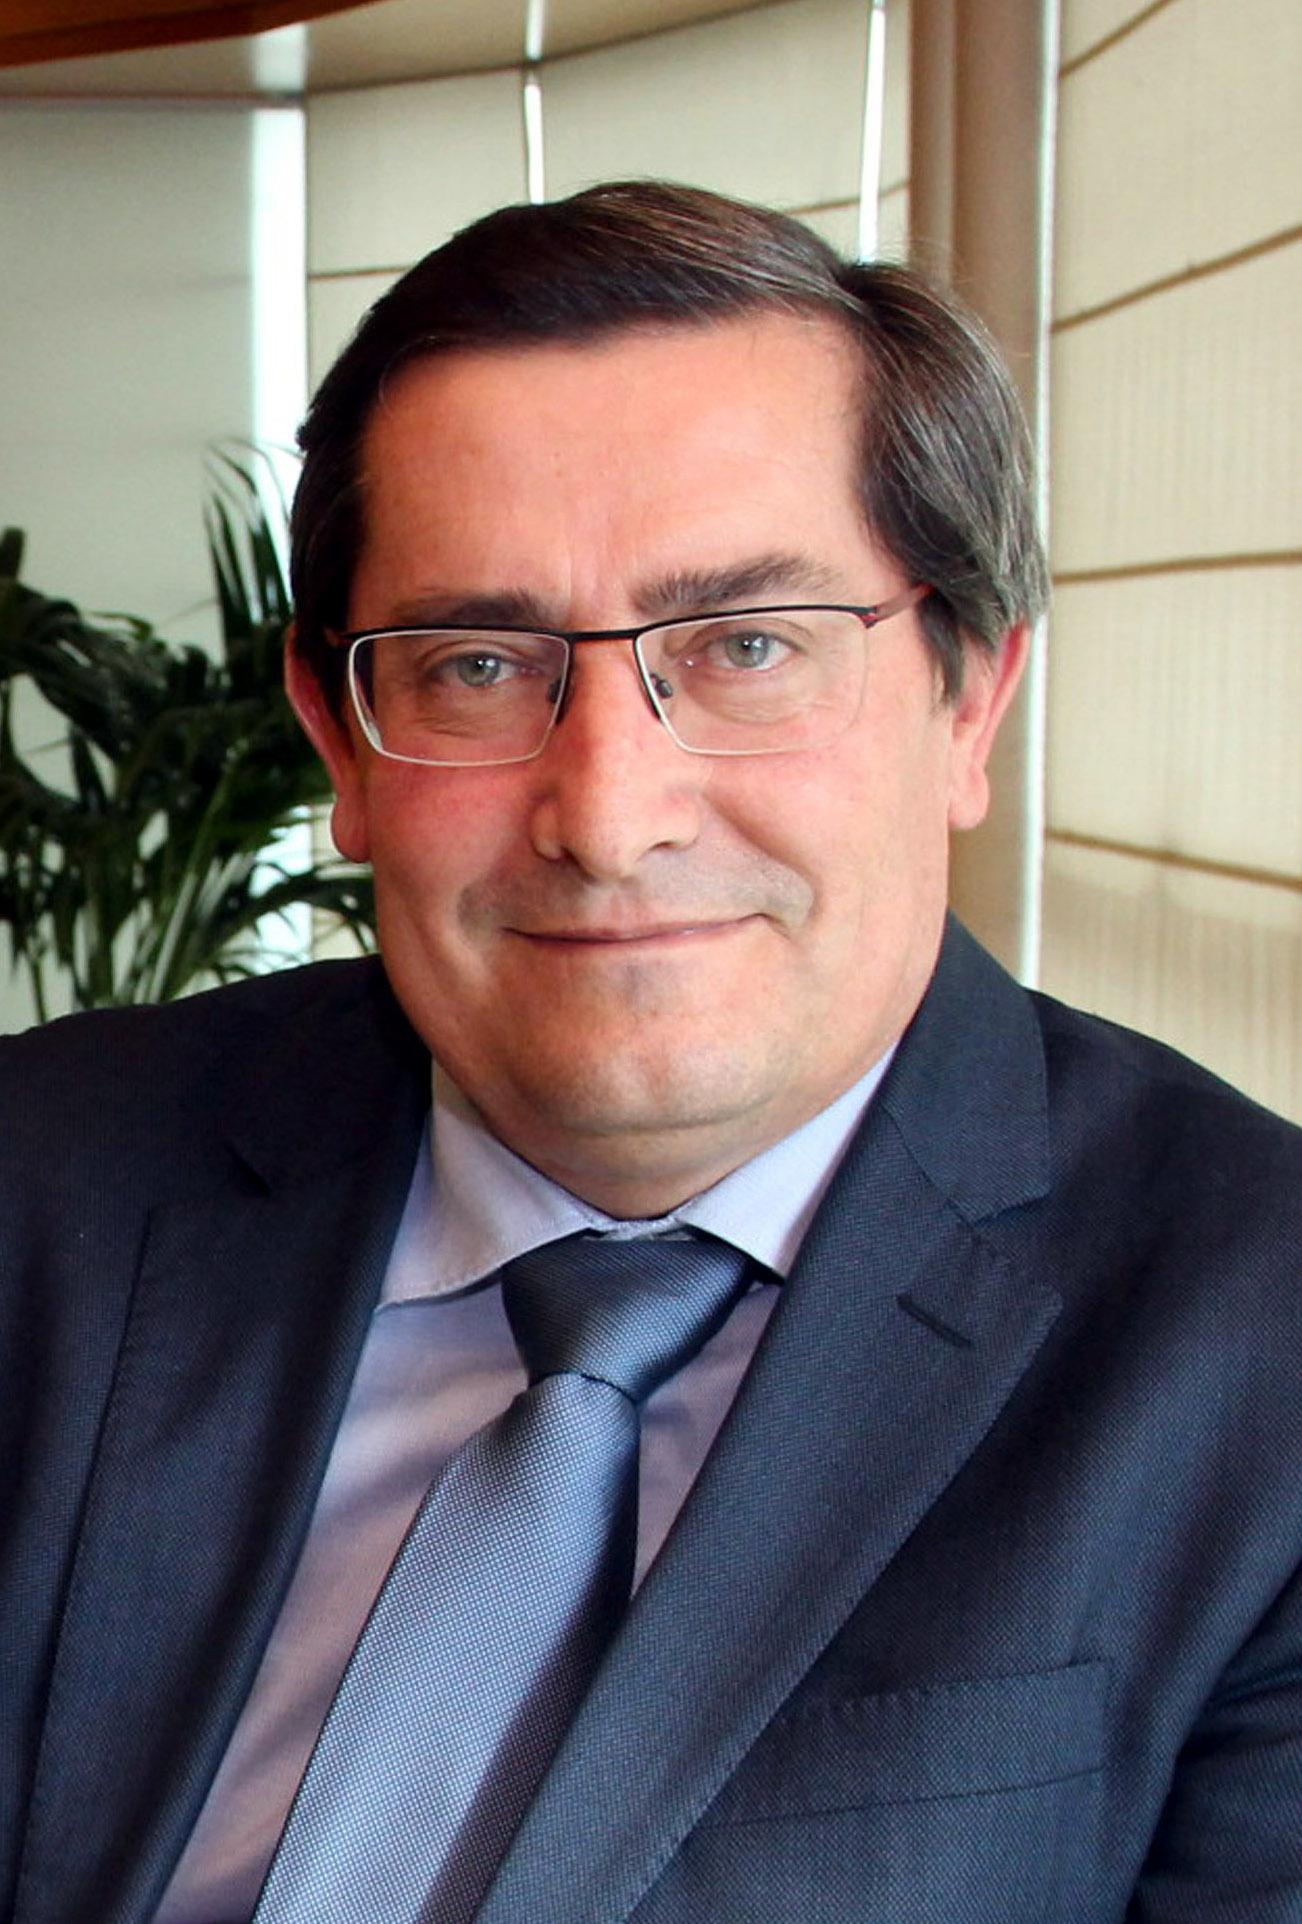 La subcomisión de Diputaciones de la FAMP pide a la Junta gestionar los fondos de recuperación europeos